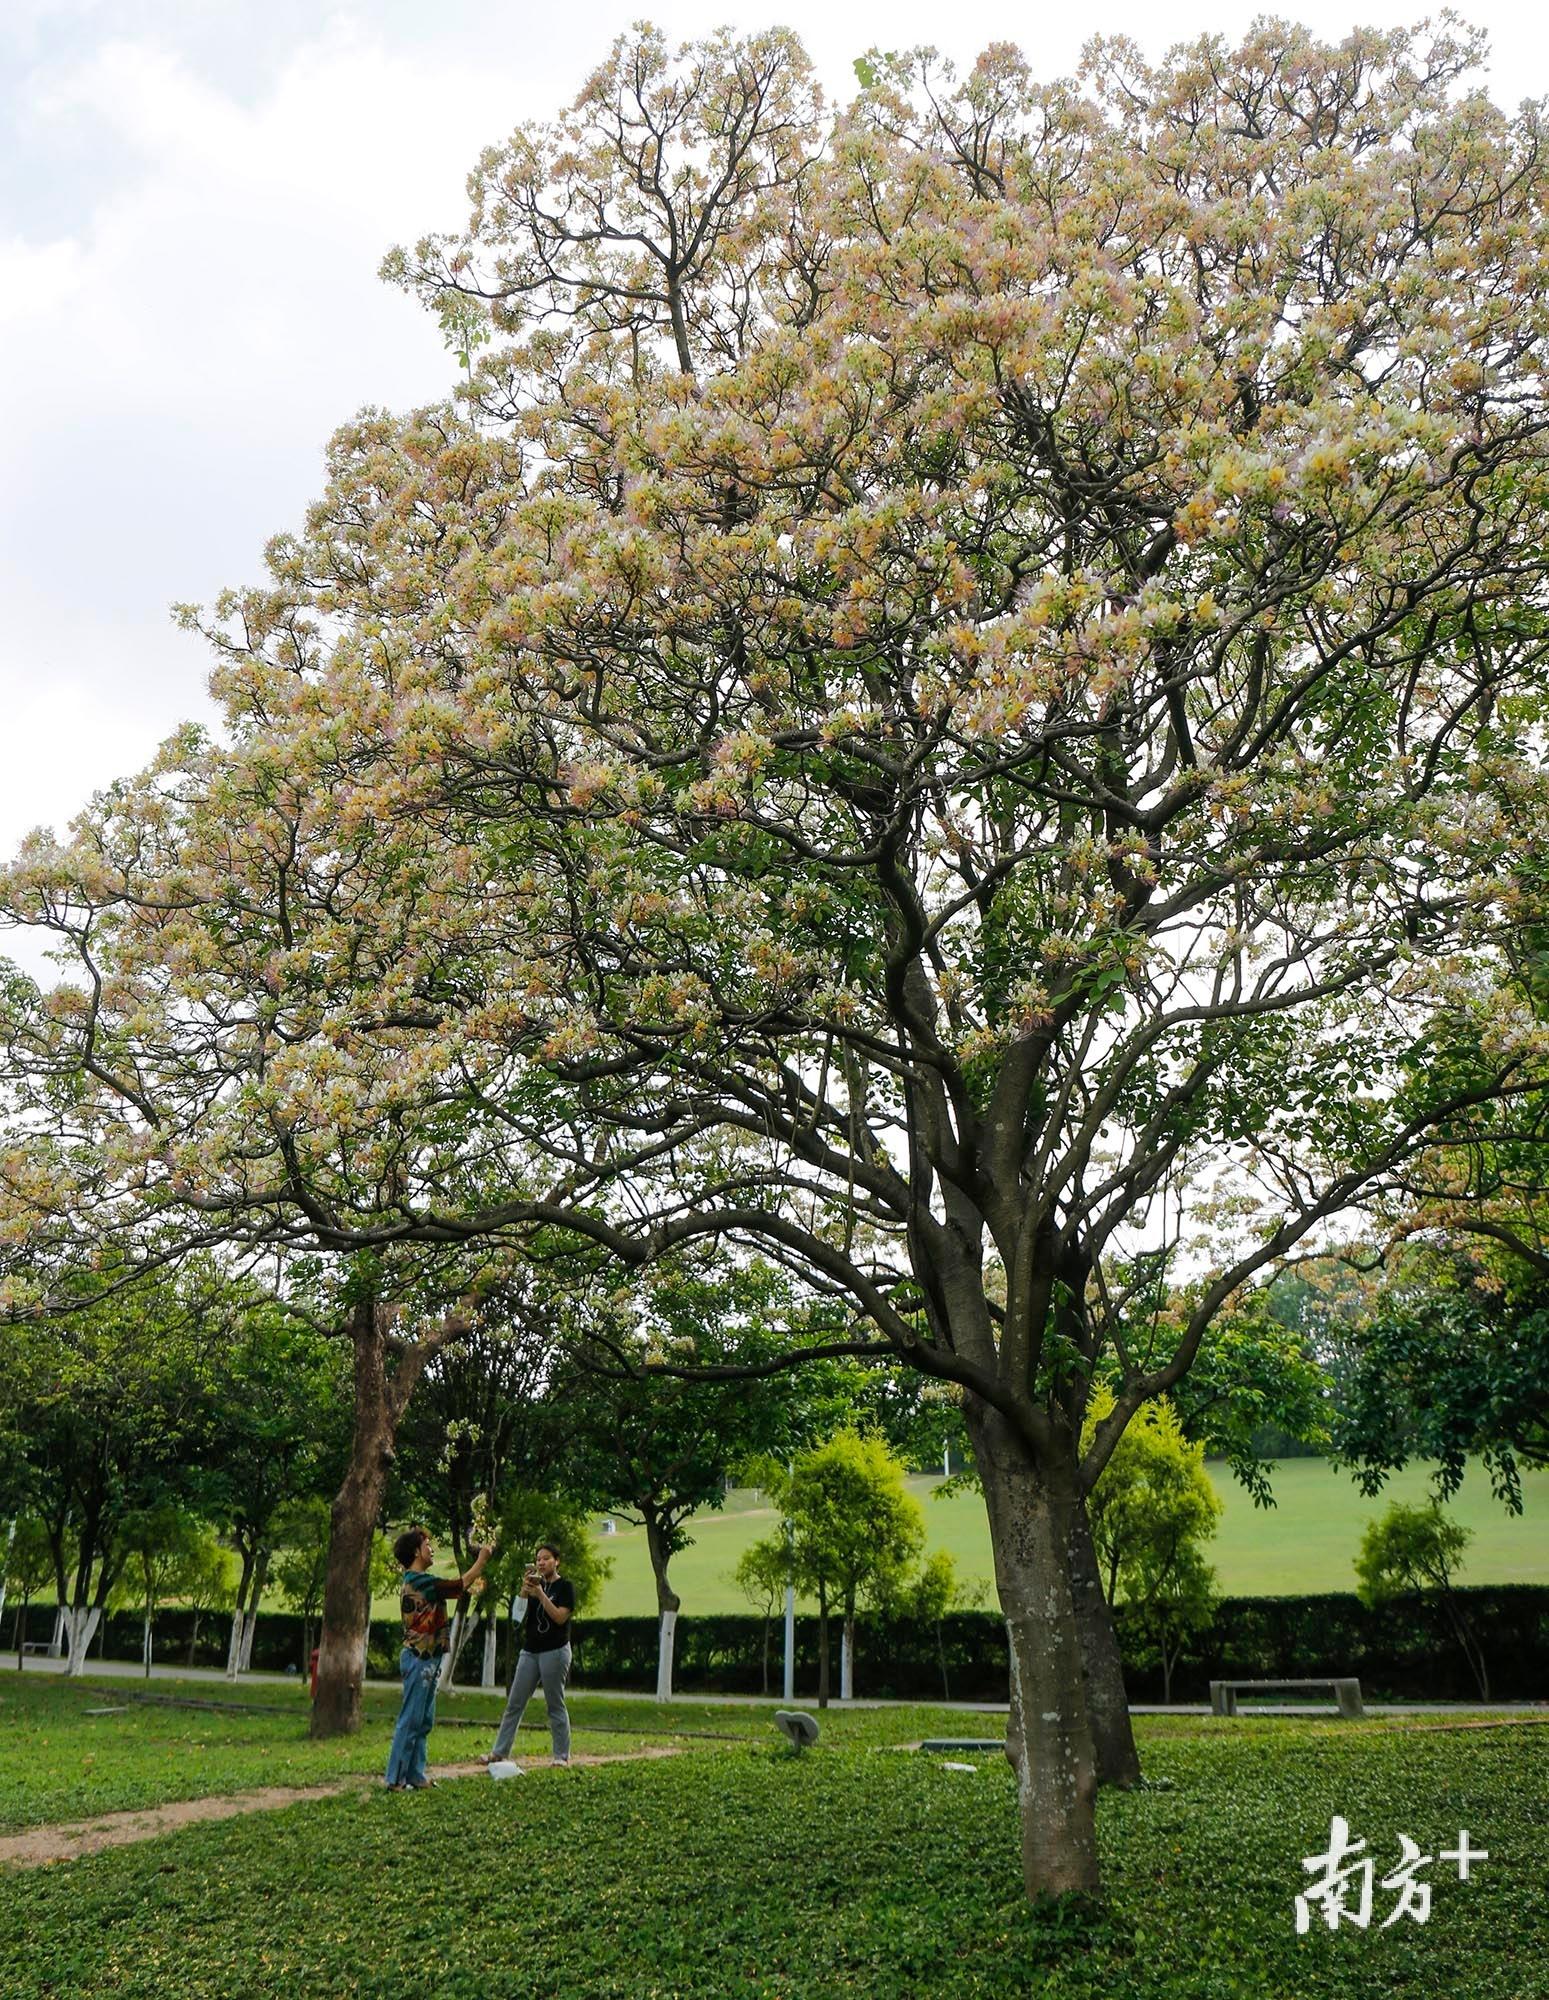 此时正值鱼木树的盛花期,黄色花朵鲜艳无比。